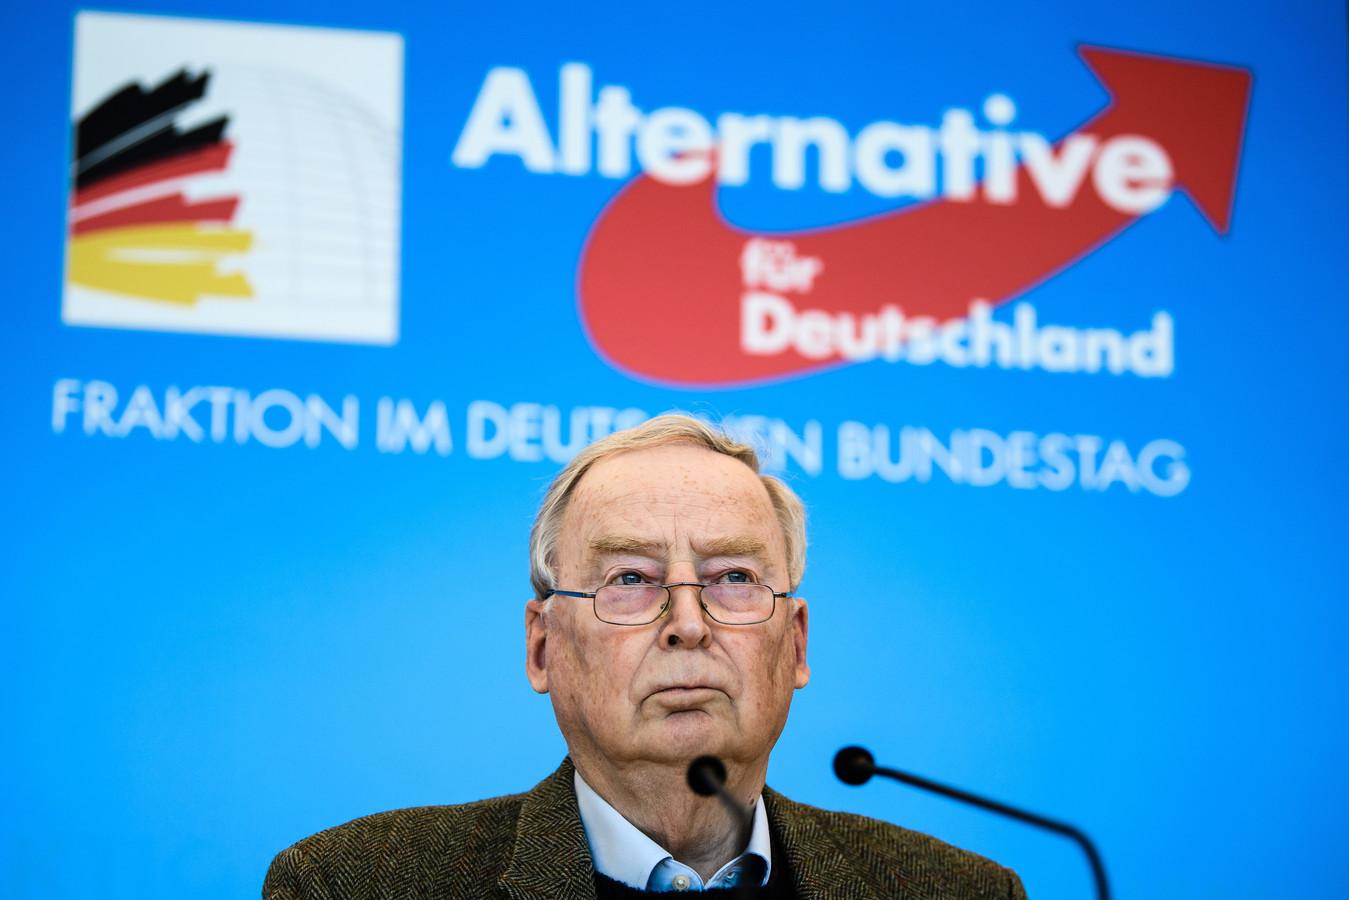 Alexander Gauland, federaal woordvoerder van de AfD en voormalig partijvoorzitter, tijdens een persverklaring na het nieuws over de verdenking van rechts-extremisme.